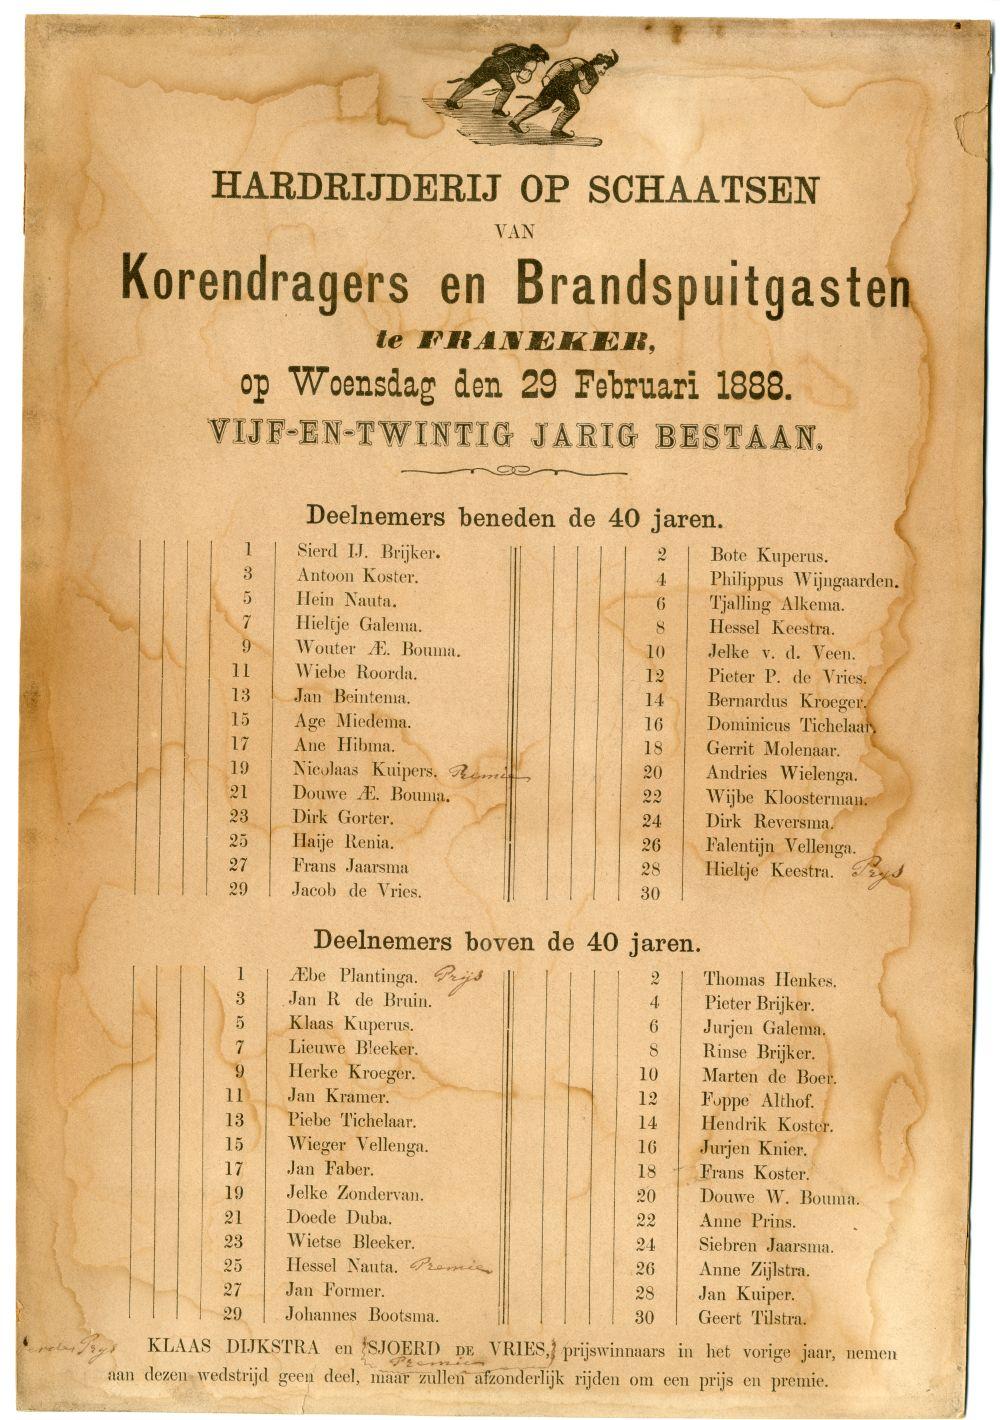 Deelnemerslijst van een schaatswedstrijd uit 1888